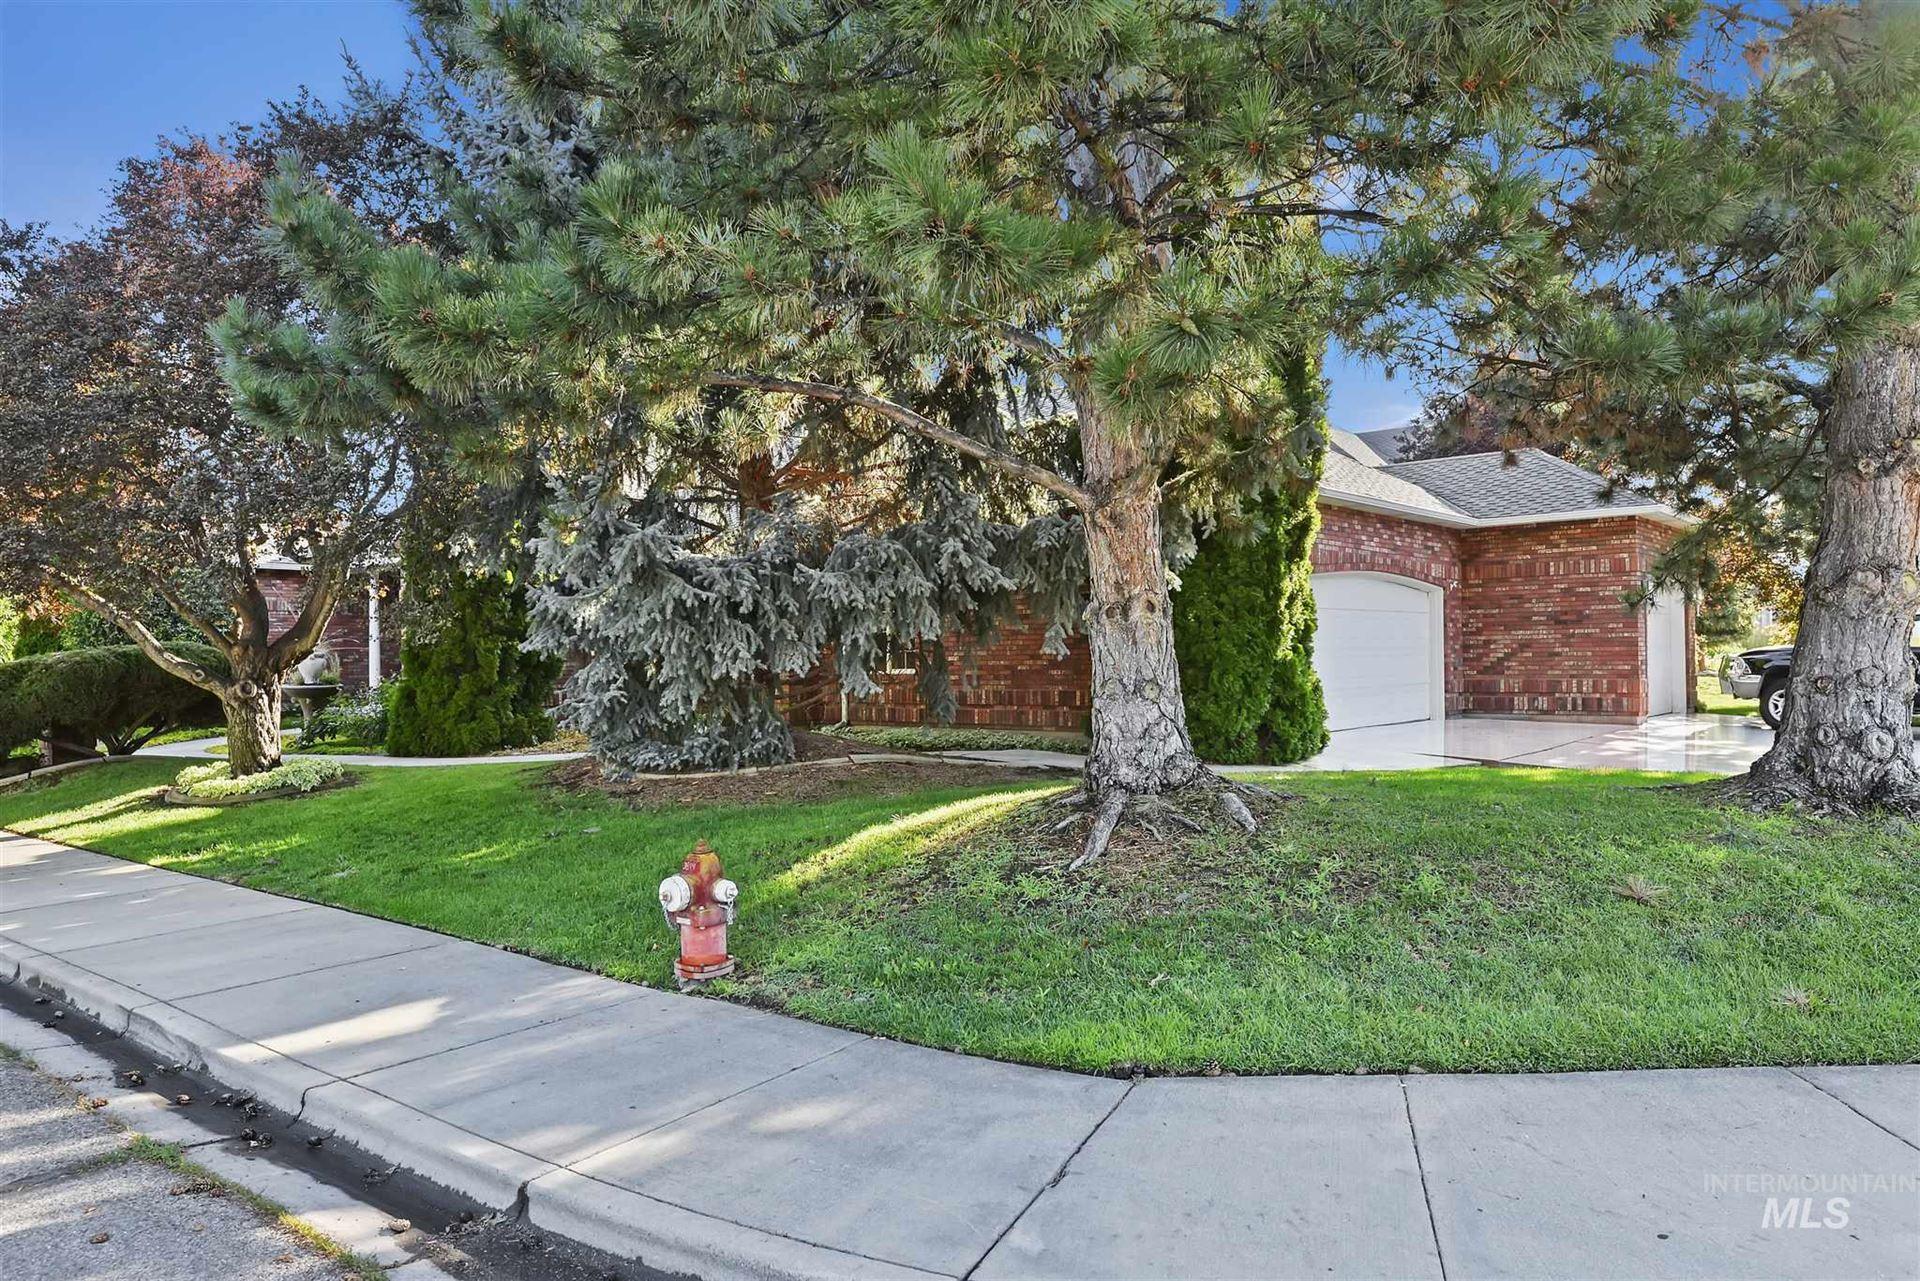 Photo of 4988 N Brookmeadow Dr, Boise, ID 83713 (MLS # 98776291)